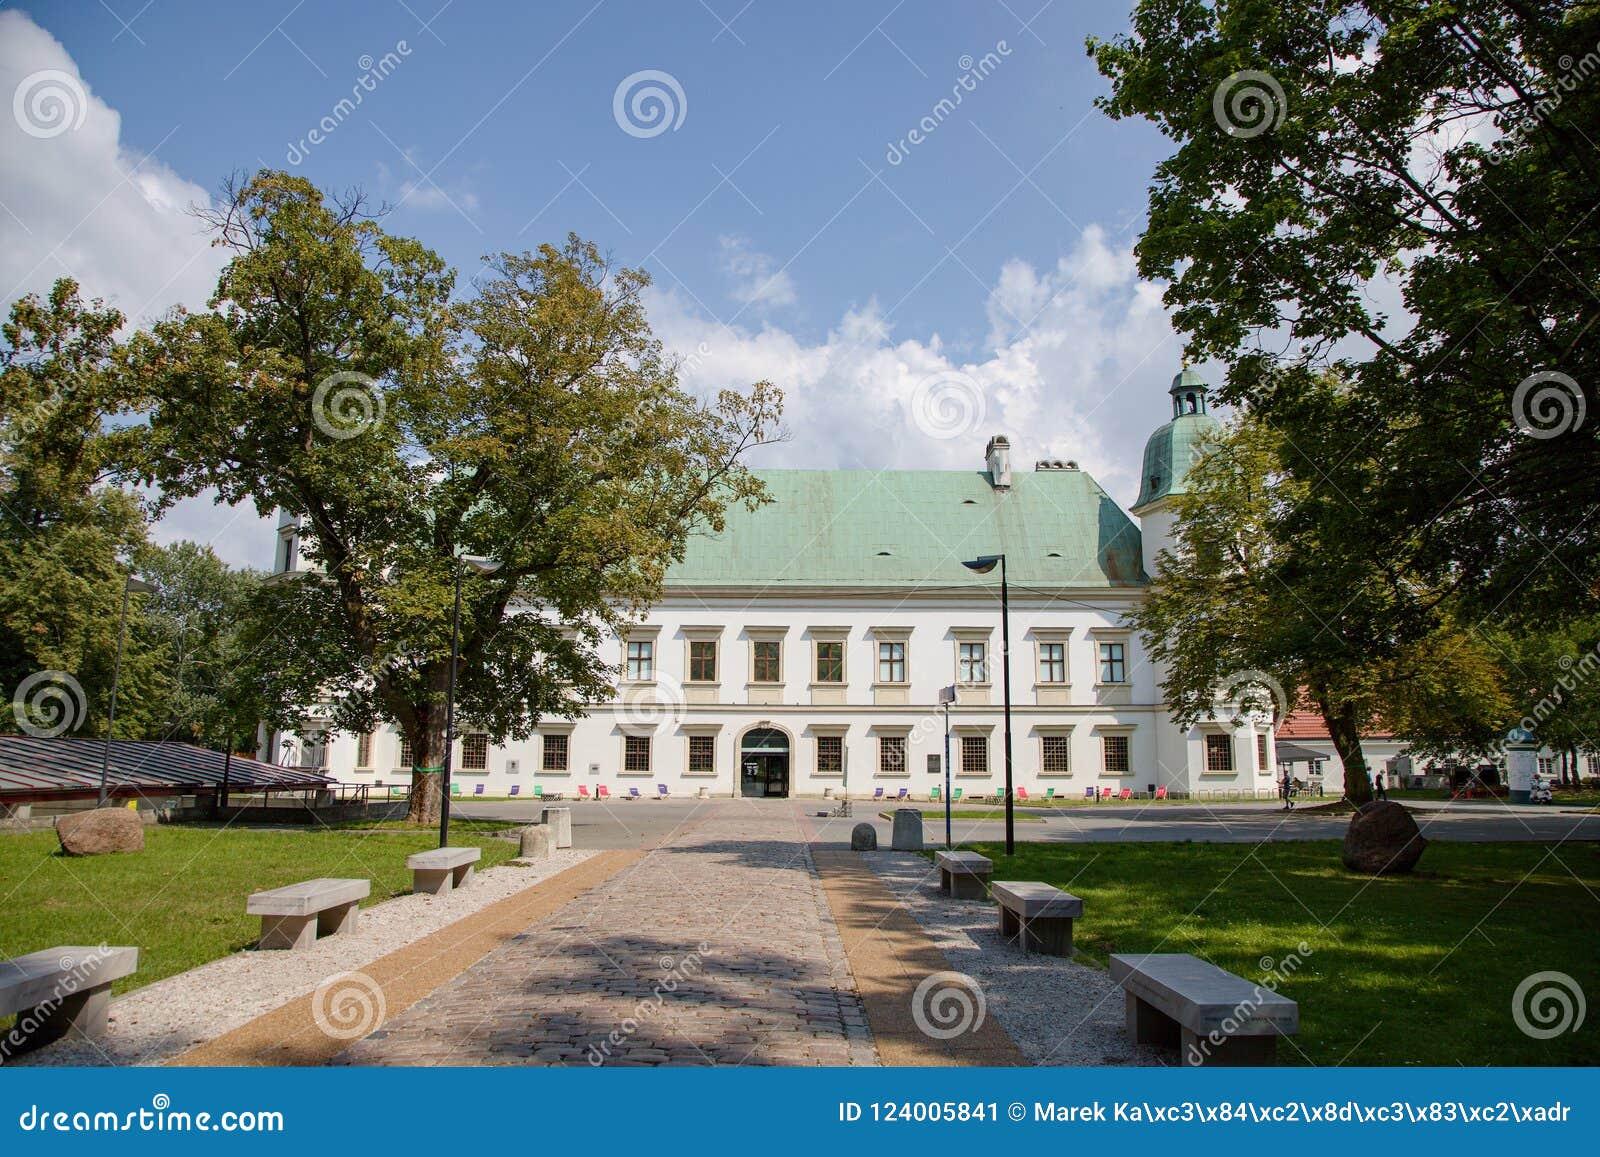 Ujazdà ³ w城堡在华沙在波兰,欧洲